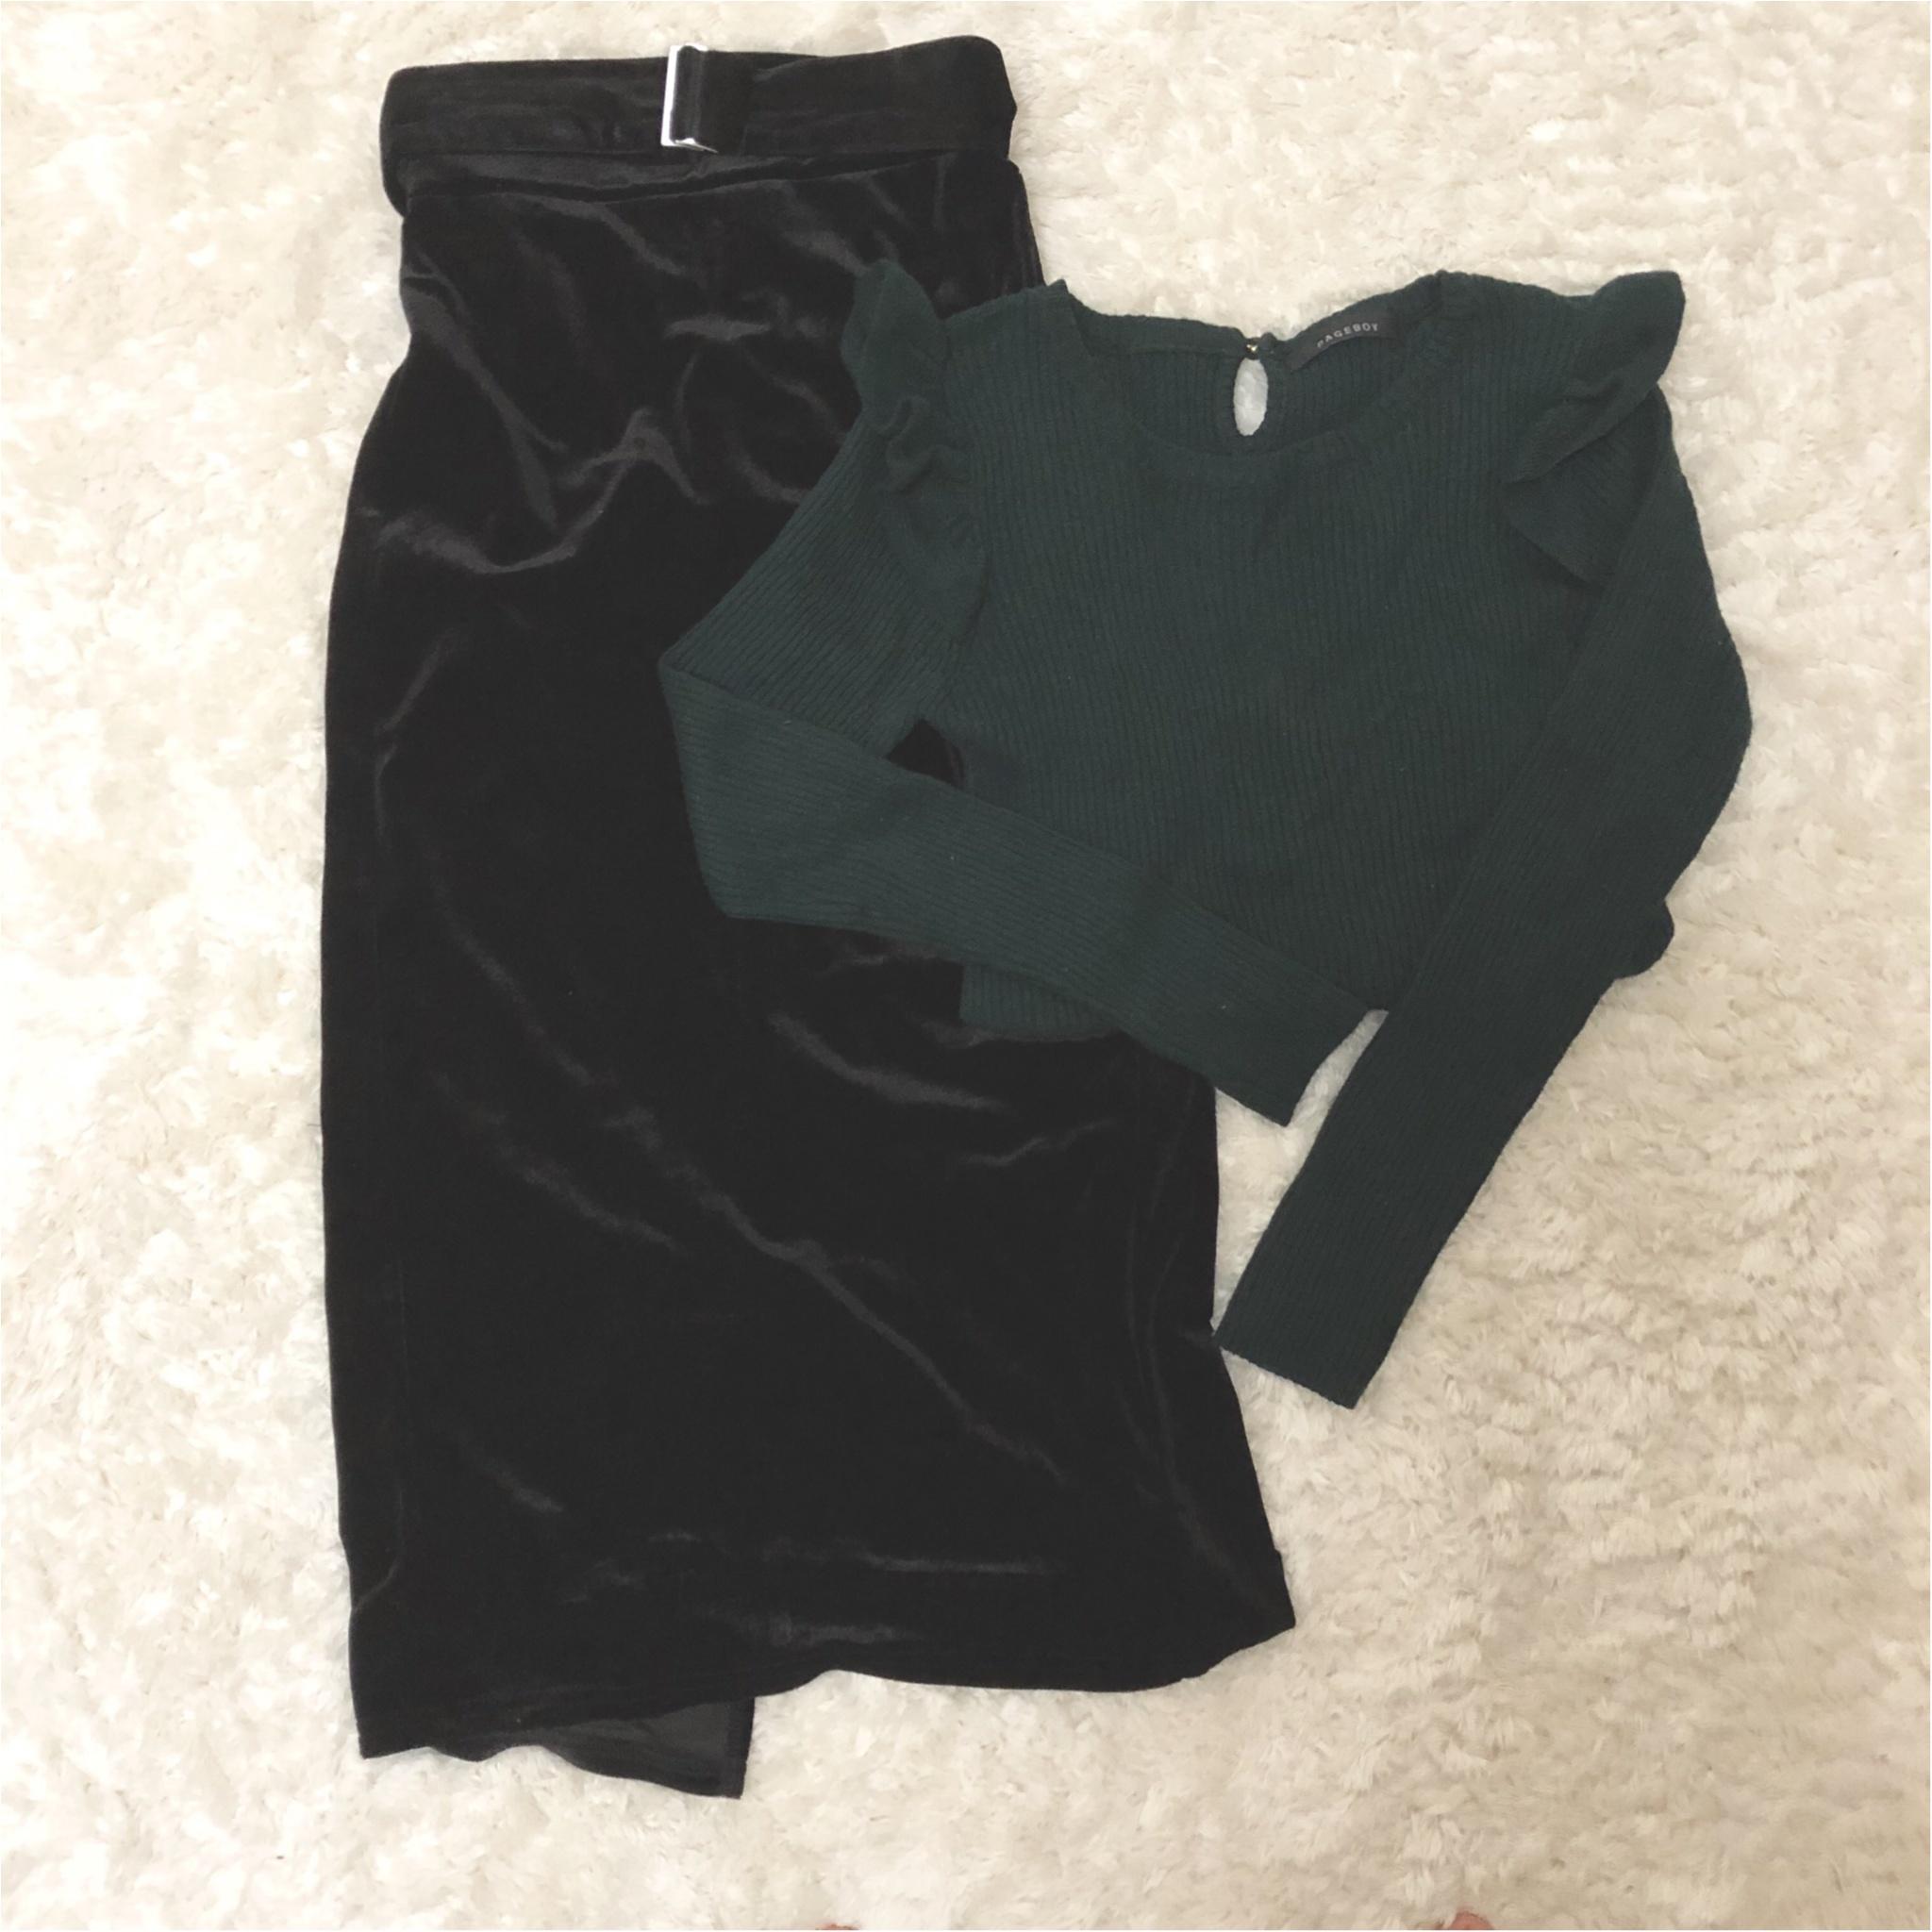 形が可愛い♡Knitが1990円?!冬のニットは【GU】で♡ ベロア素材のタイトスカートもプチプラ価格。_3